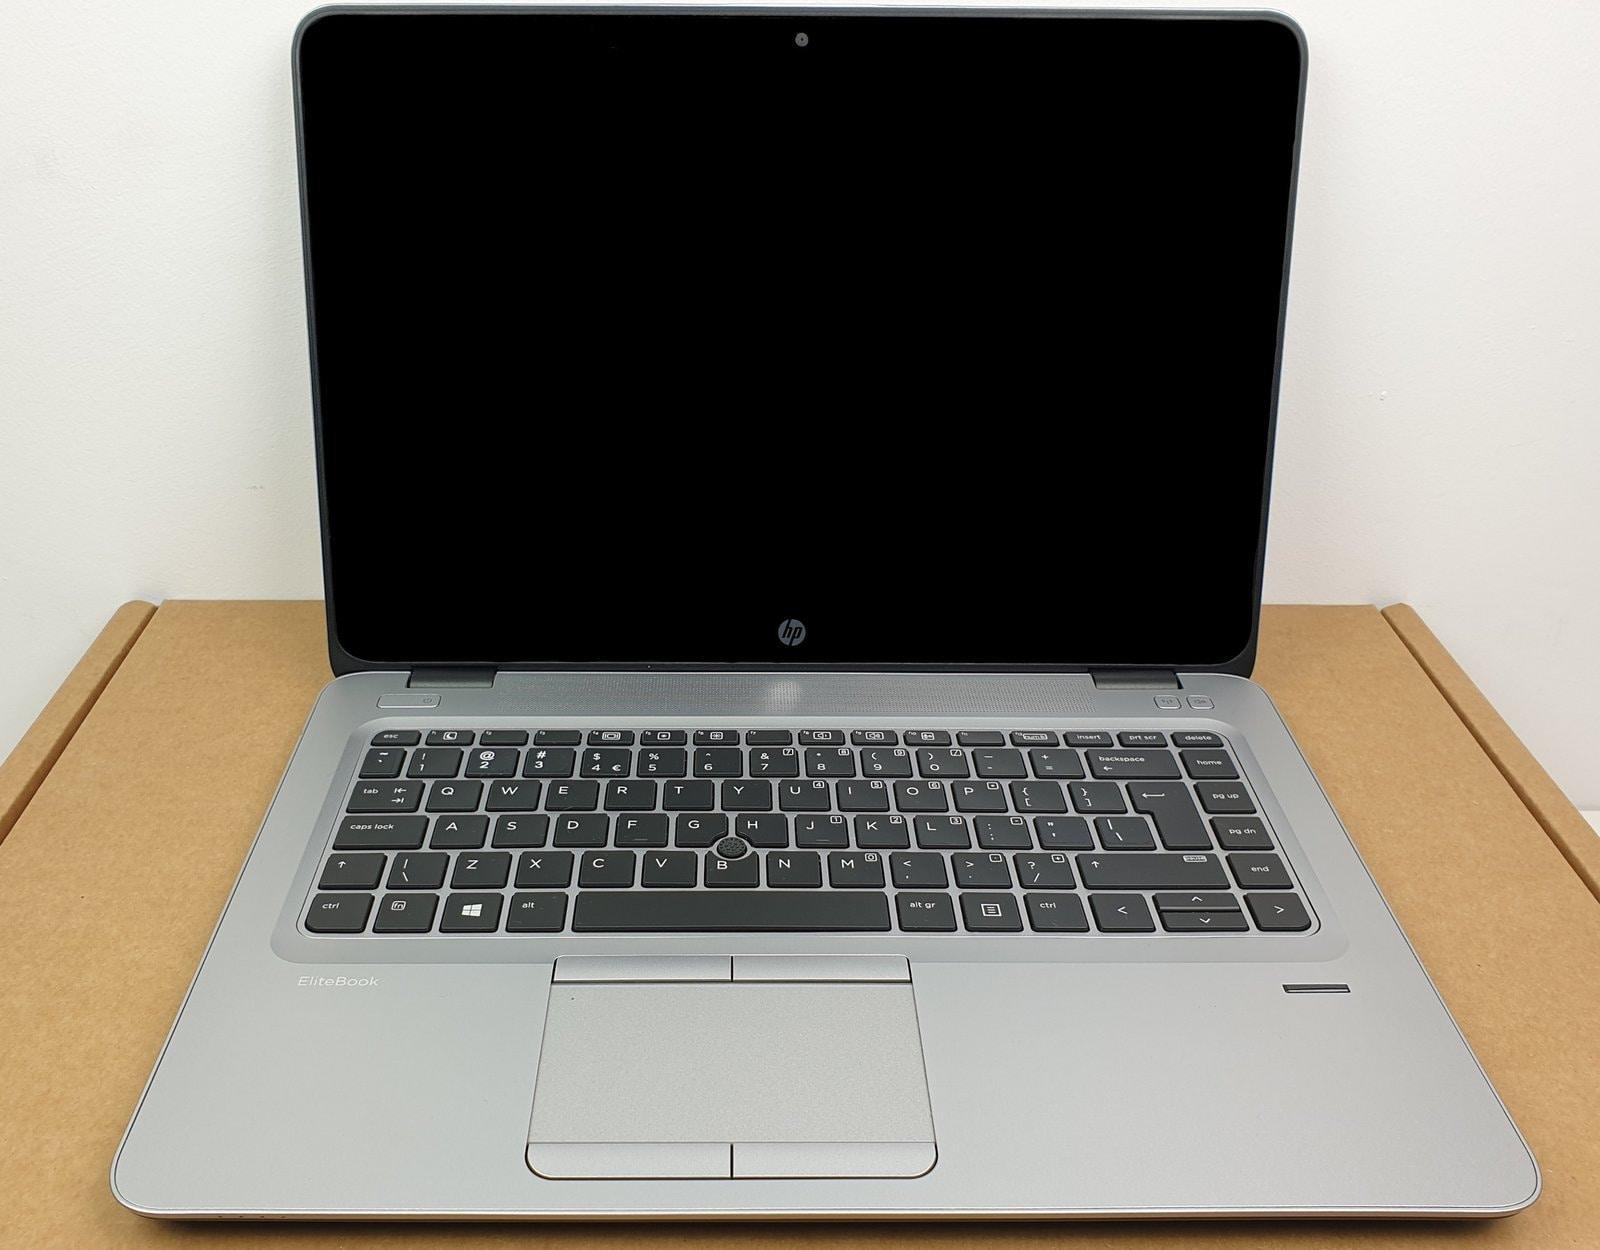 Laptop HP EliteBook 840 G3 i7 - 6 generacji / 16 GB / 240 GB SSD / 14 FullHD DOTYK / Klasa A- - 2